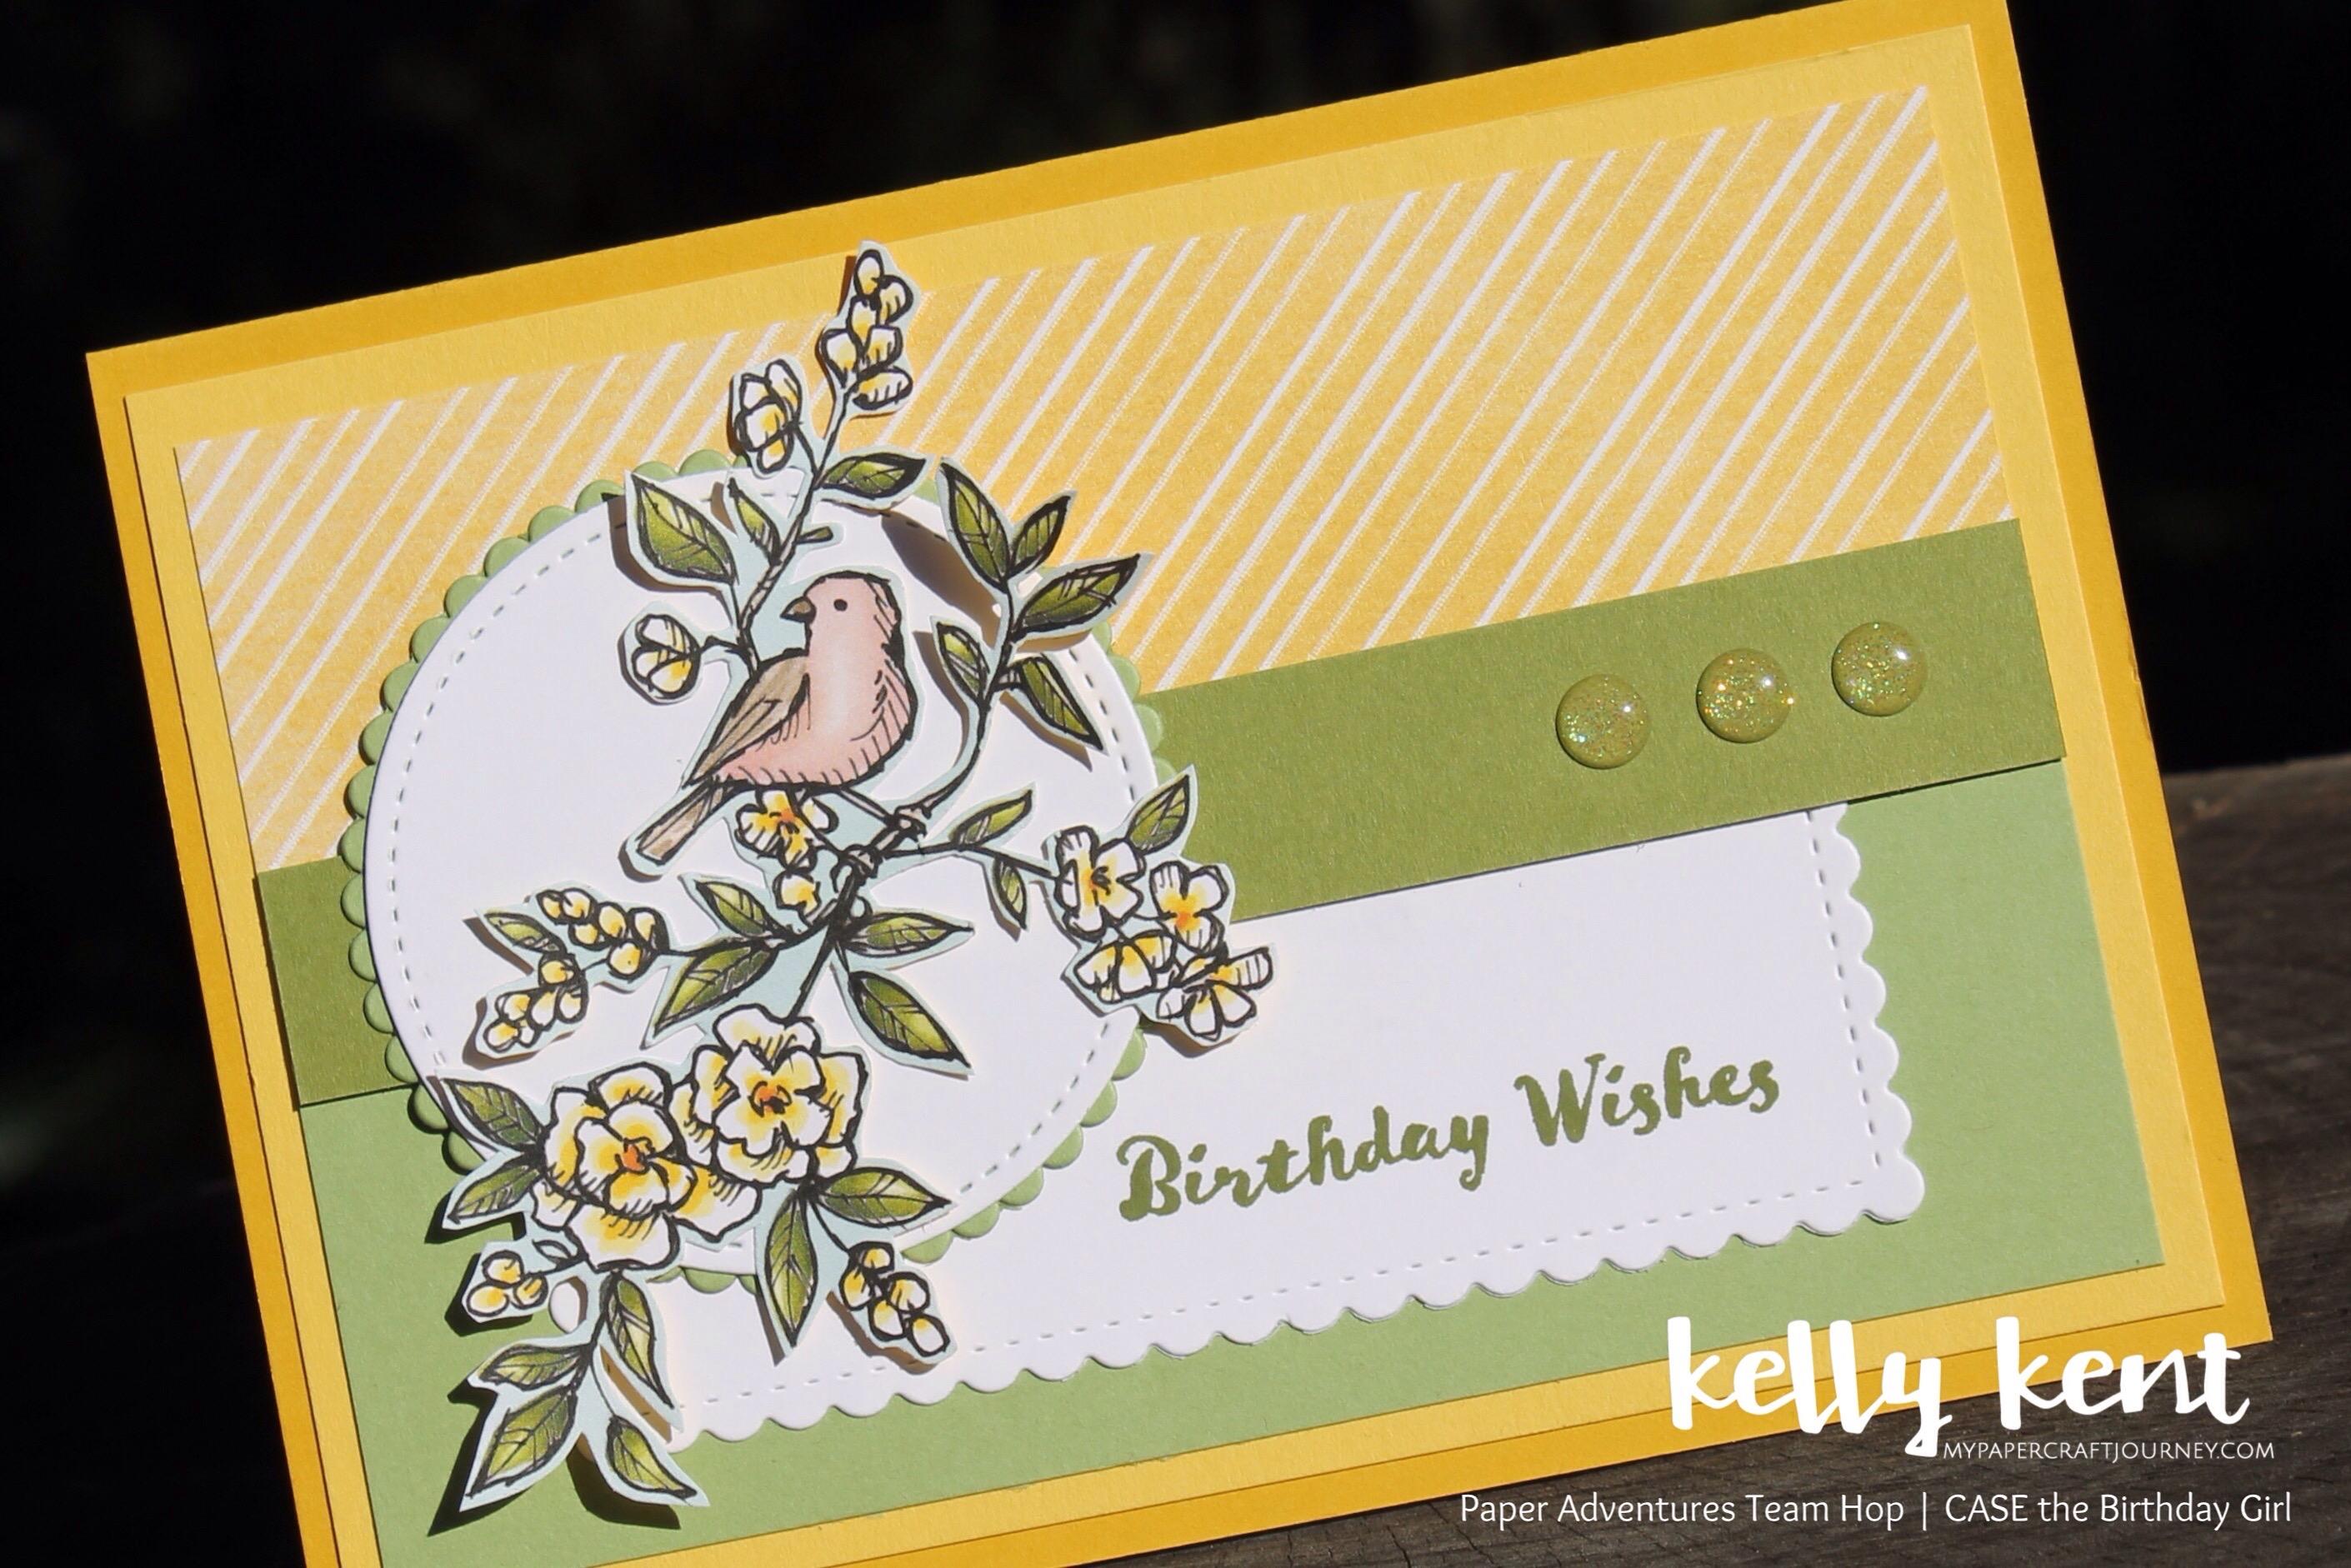 Birthday Wishes | kelly kent